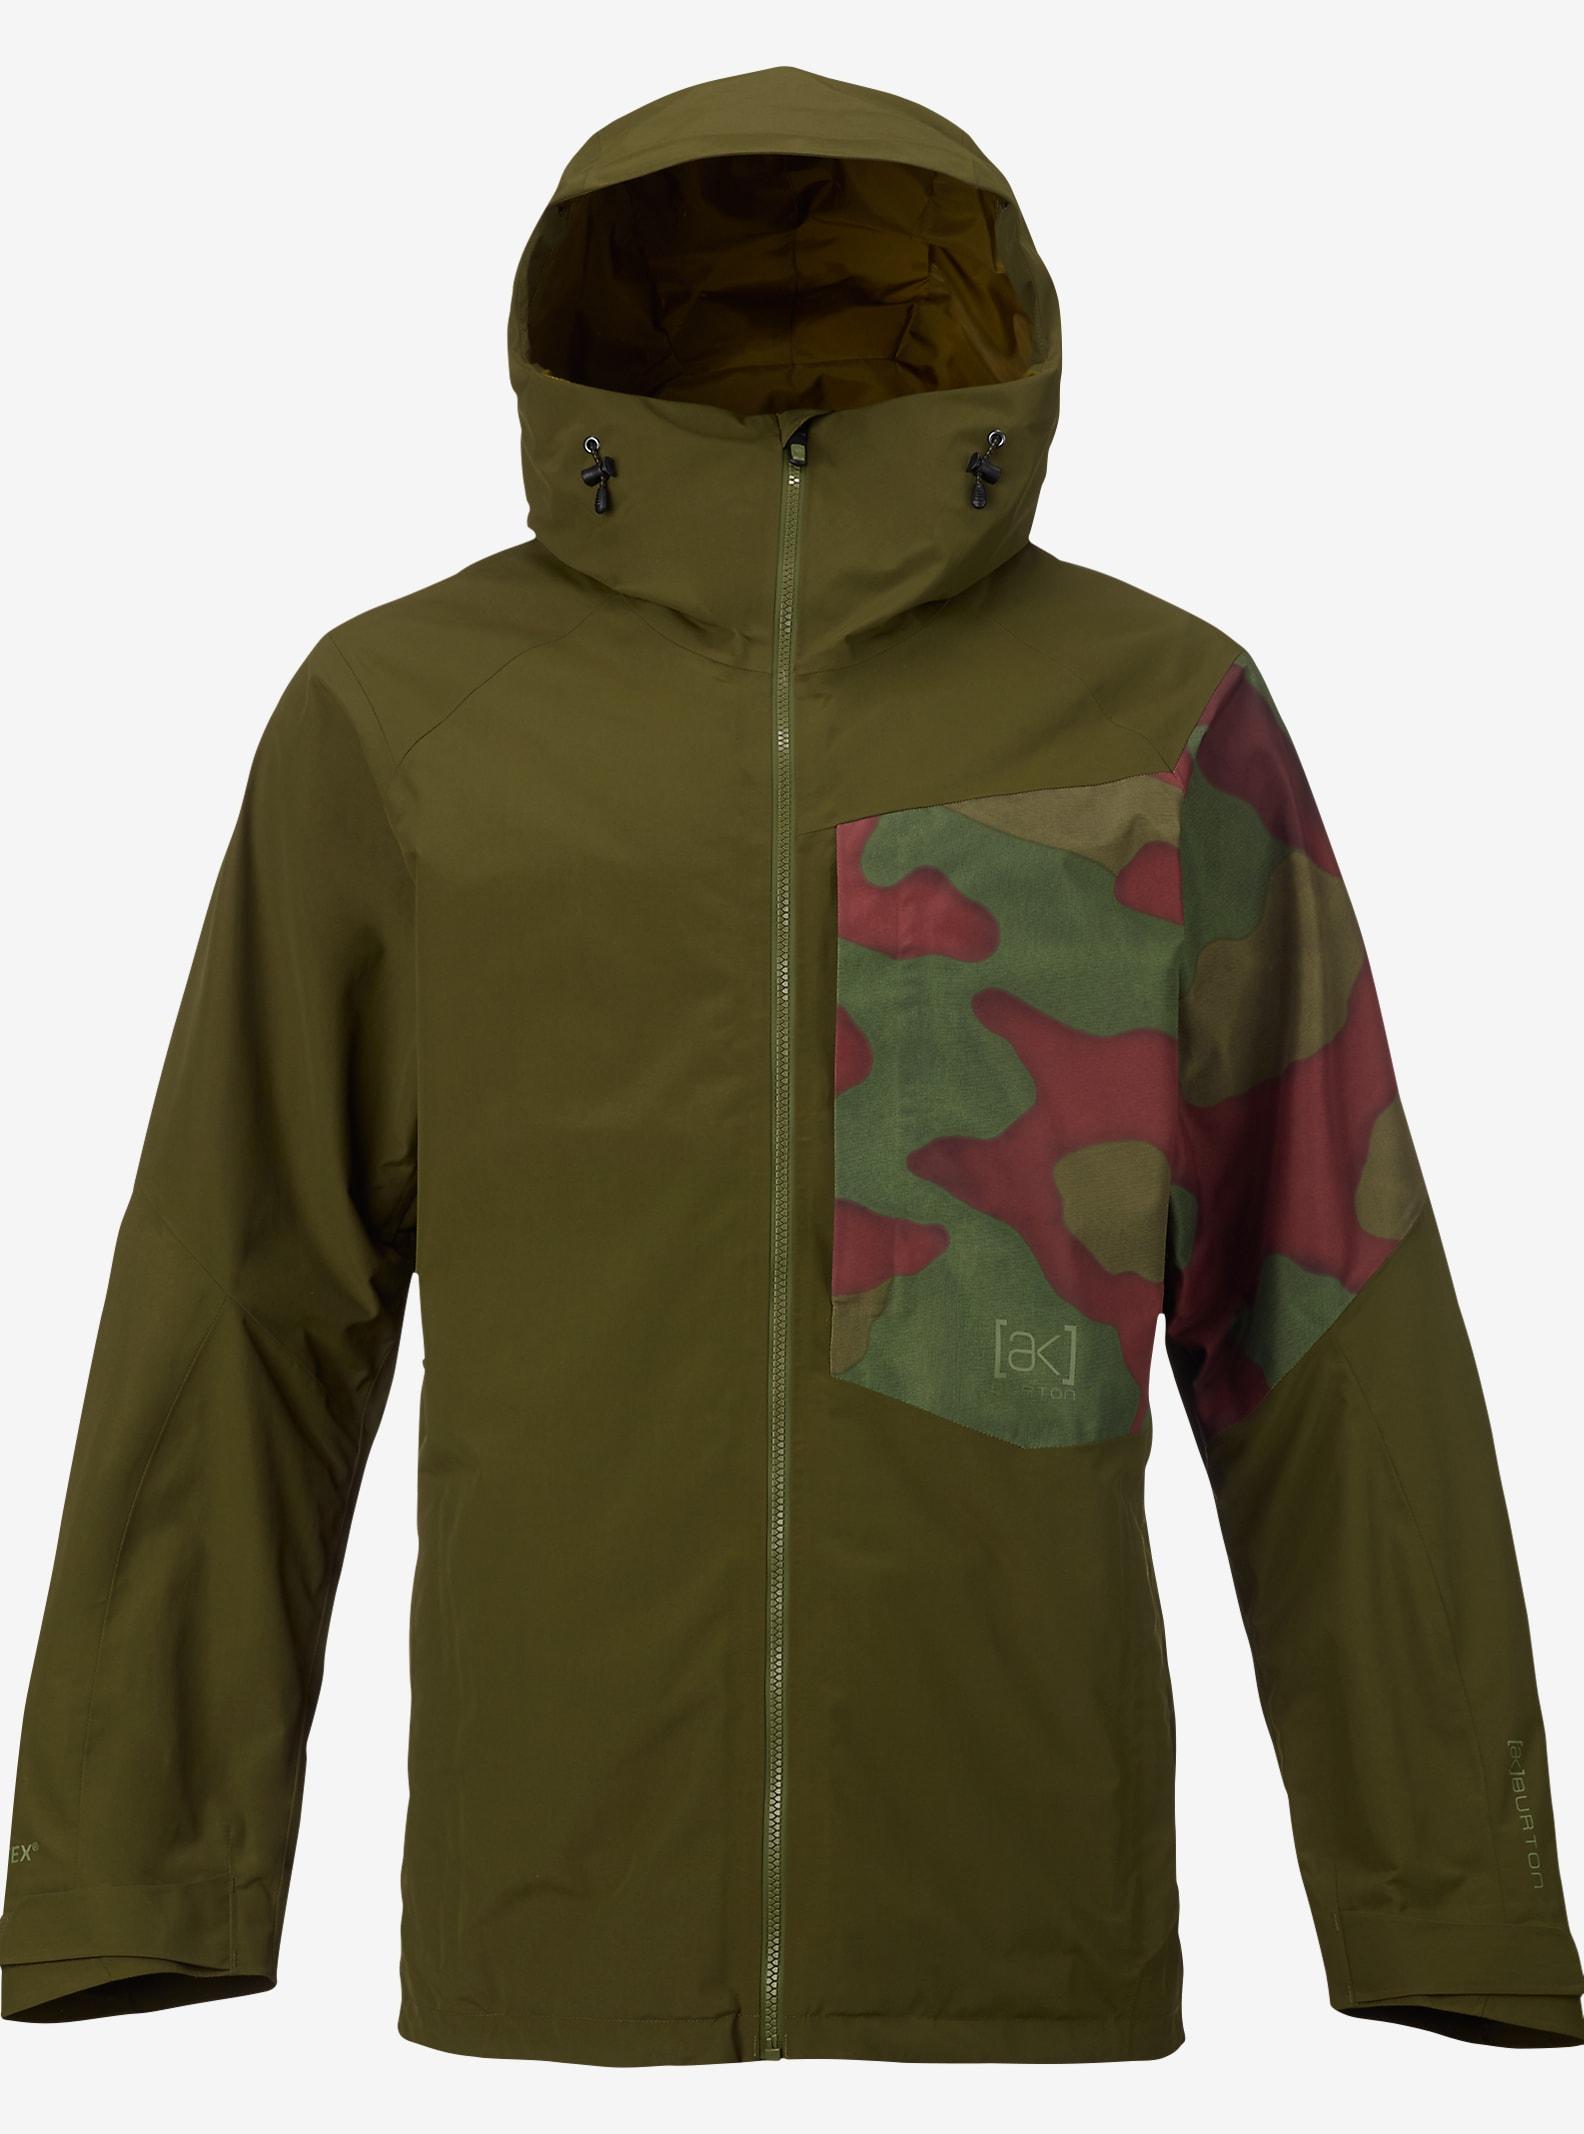 Burton [ak] 2L Boom Jacket shown in Jungle / Hombre Camo